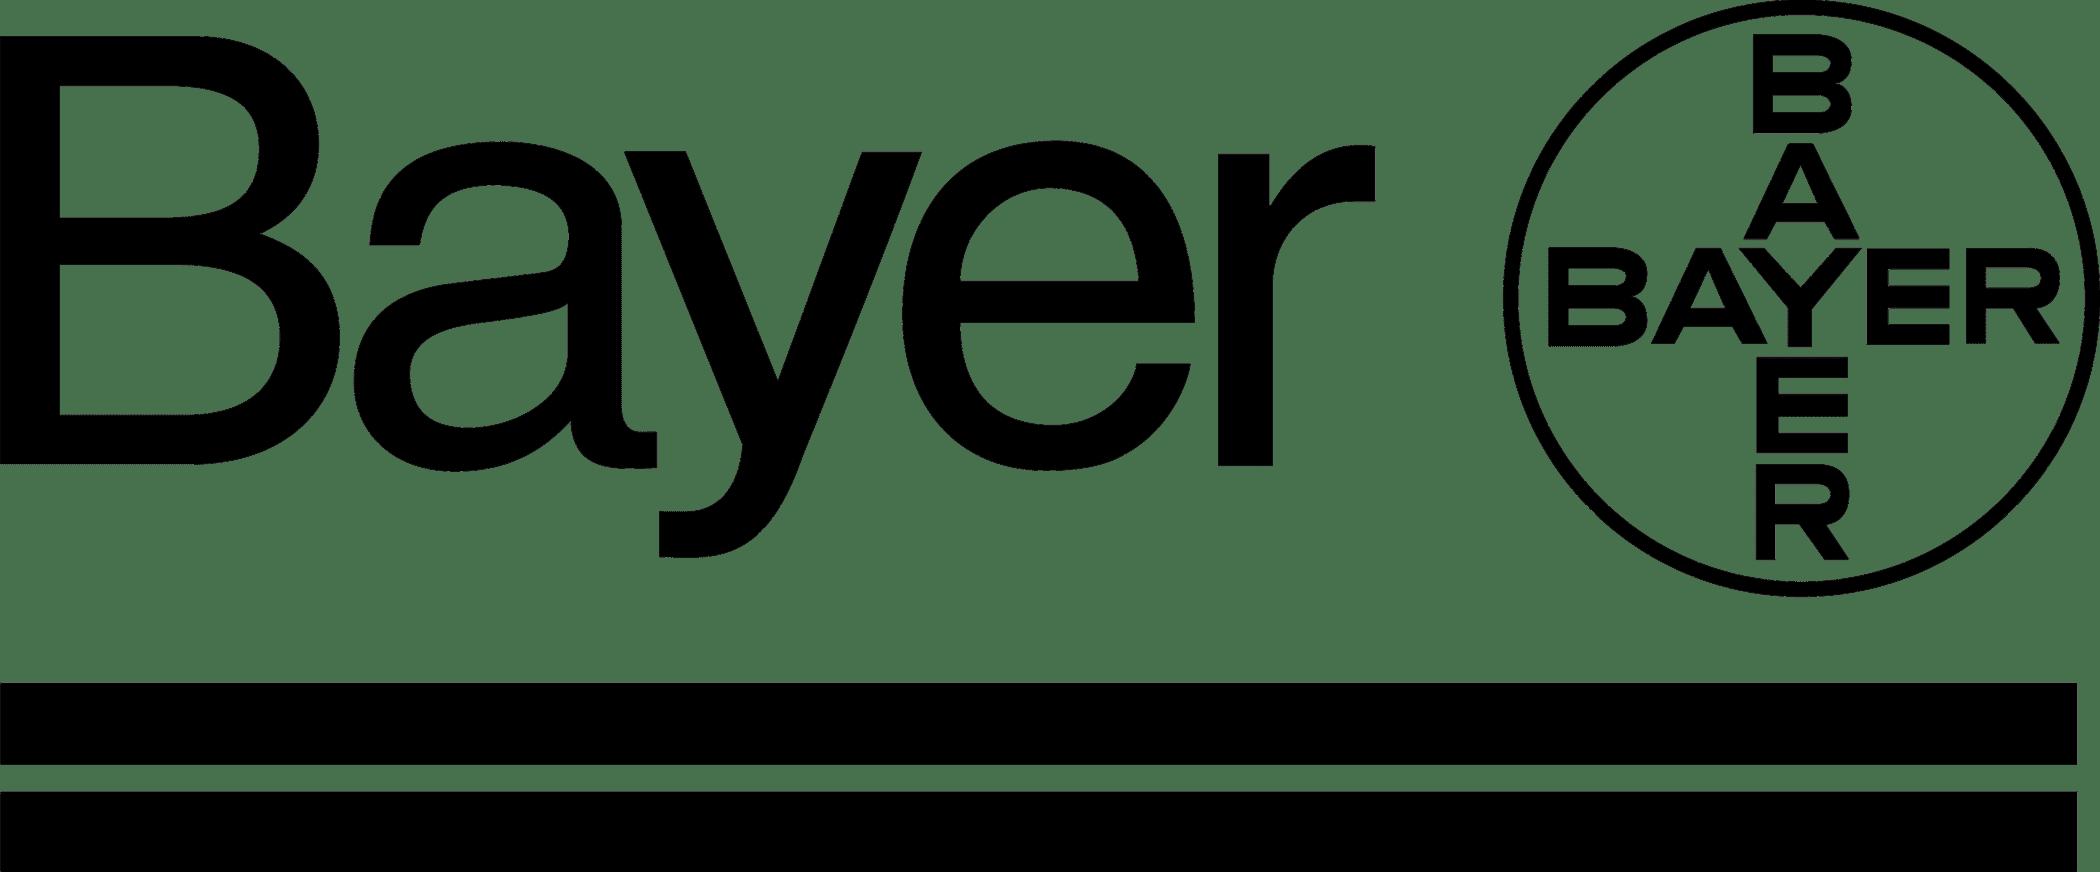 Bayer_transp.png